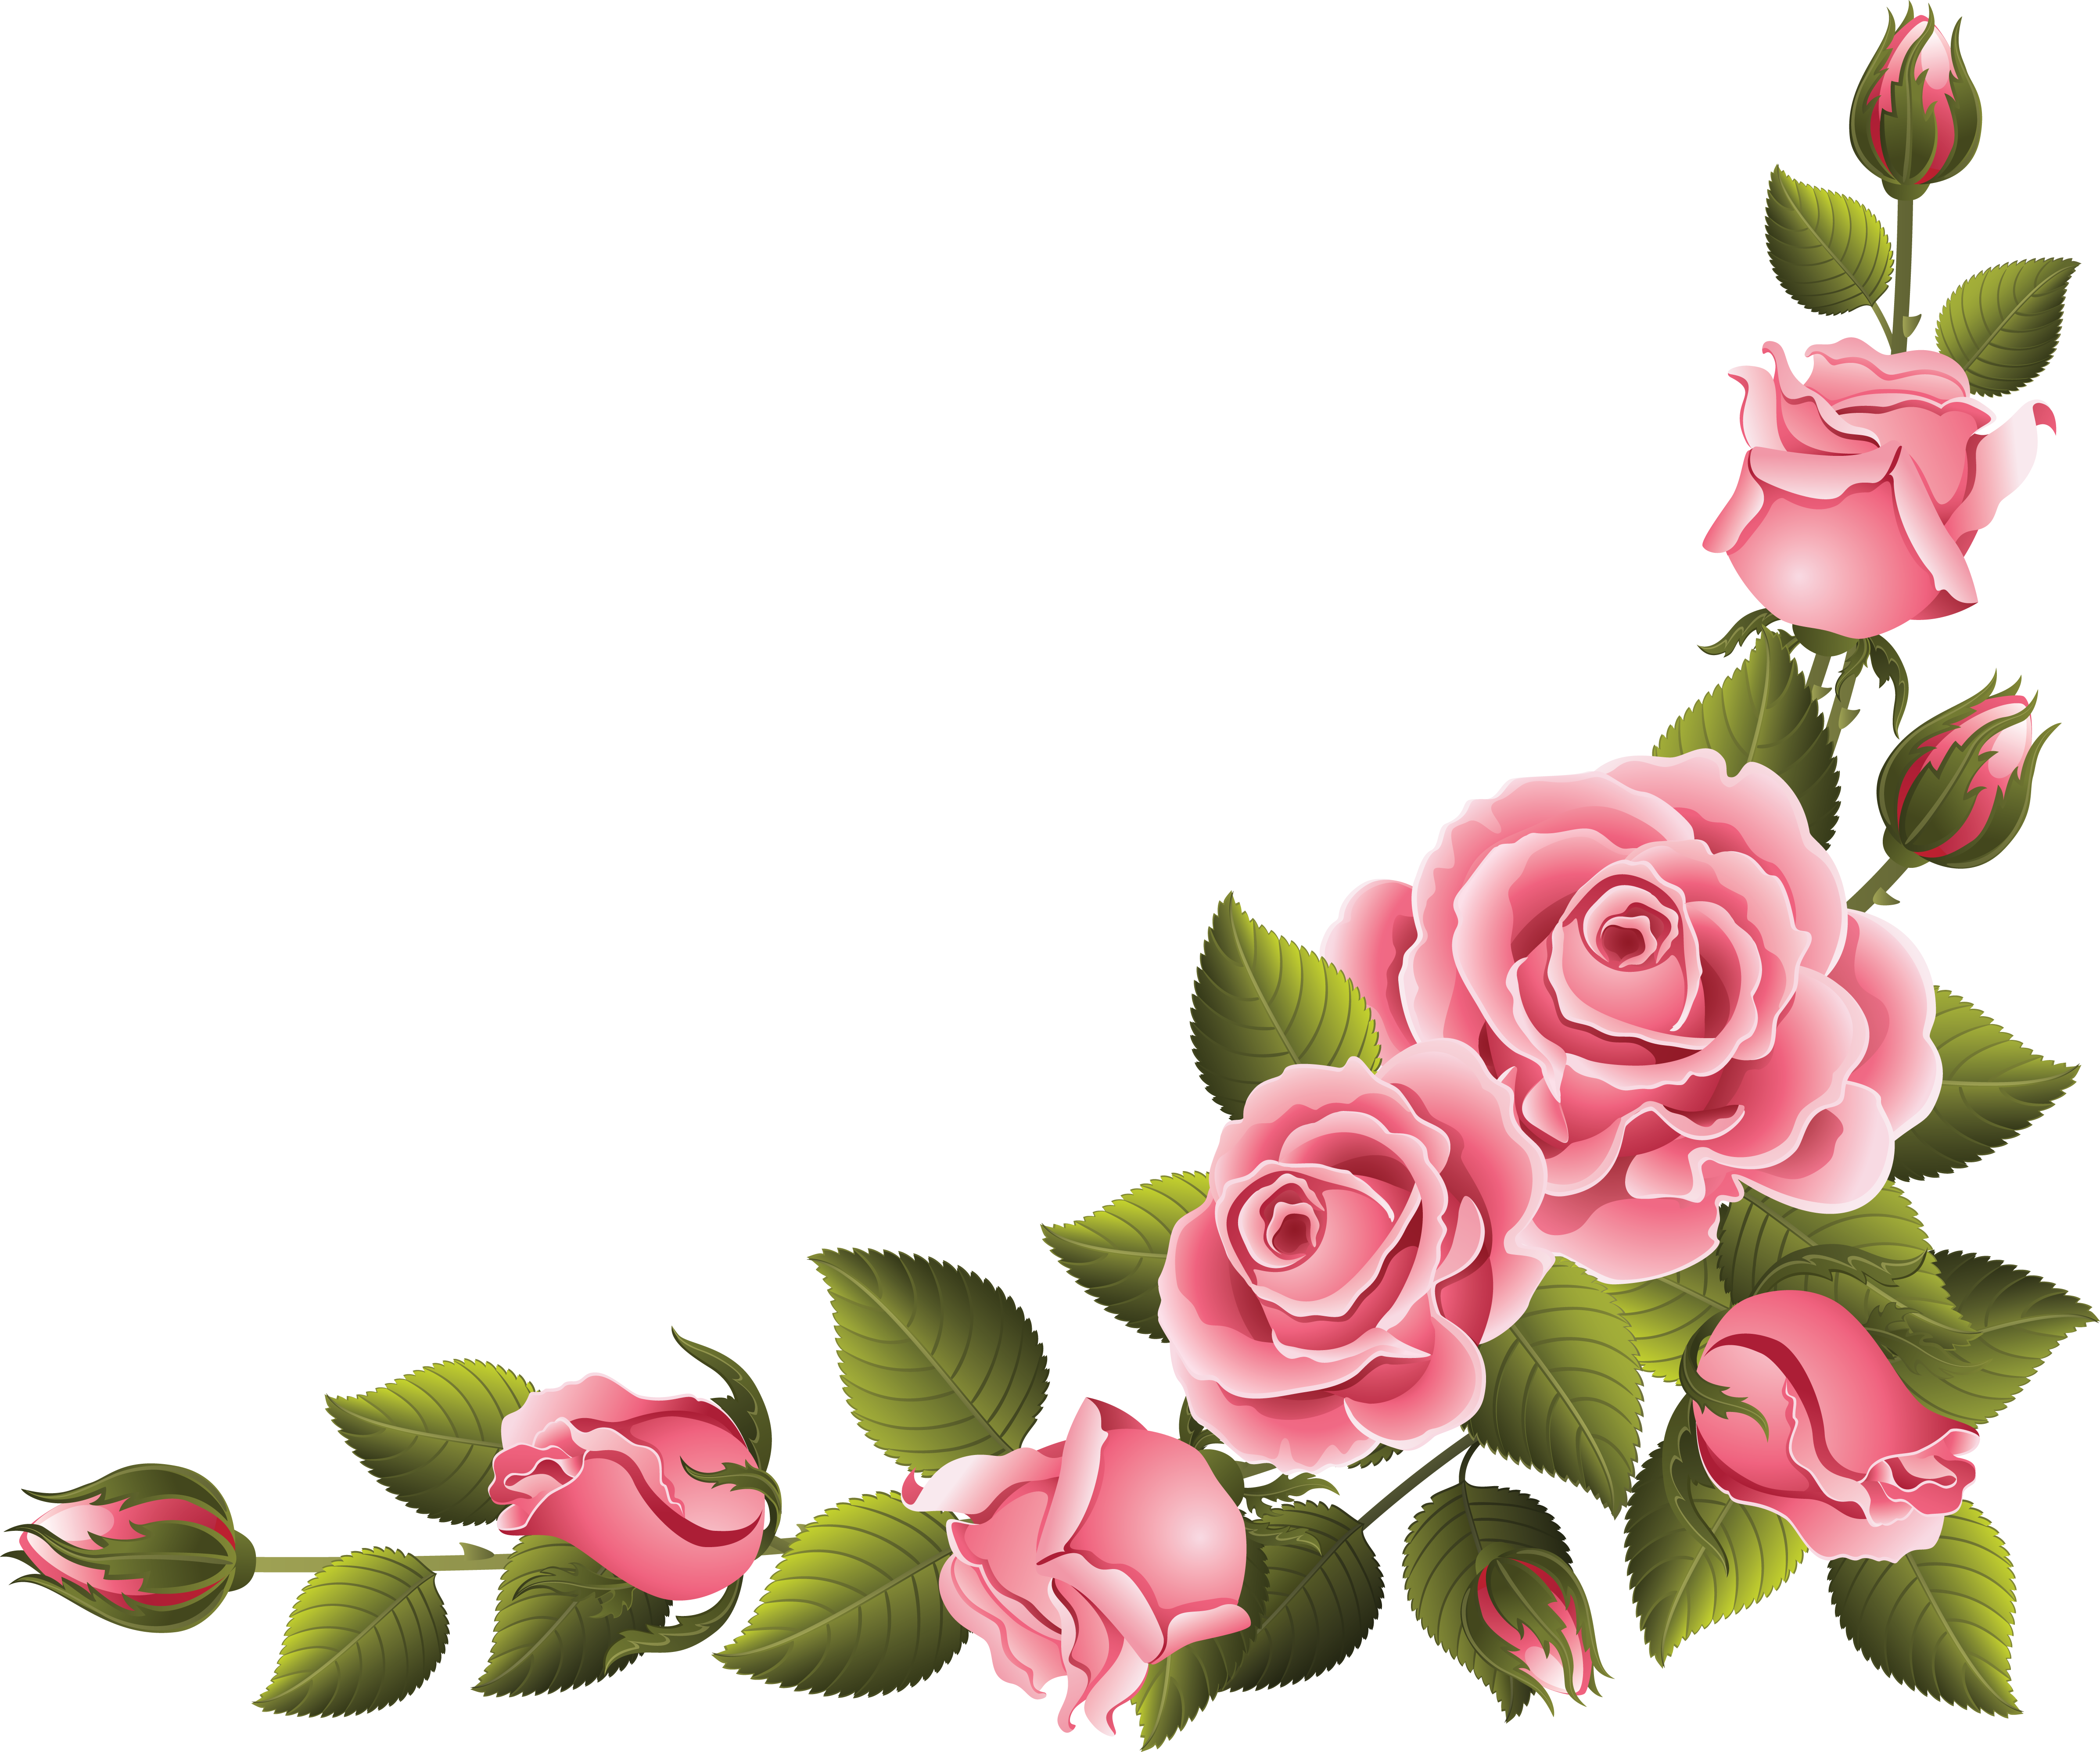 pinkbrightrose274.png (4785×3993) Цветочное искусство